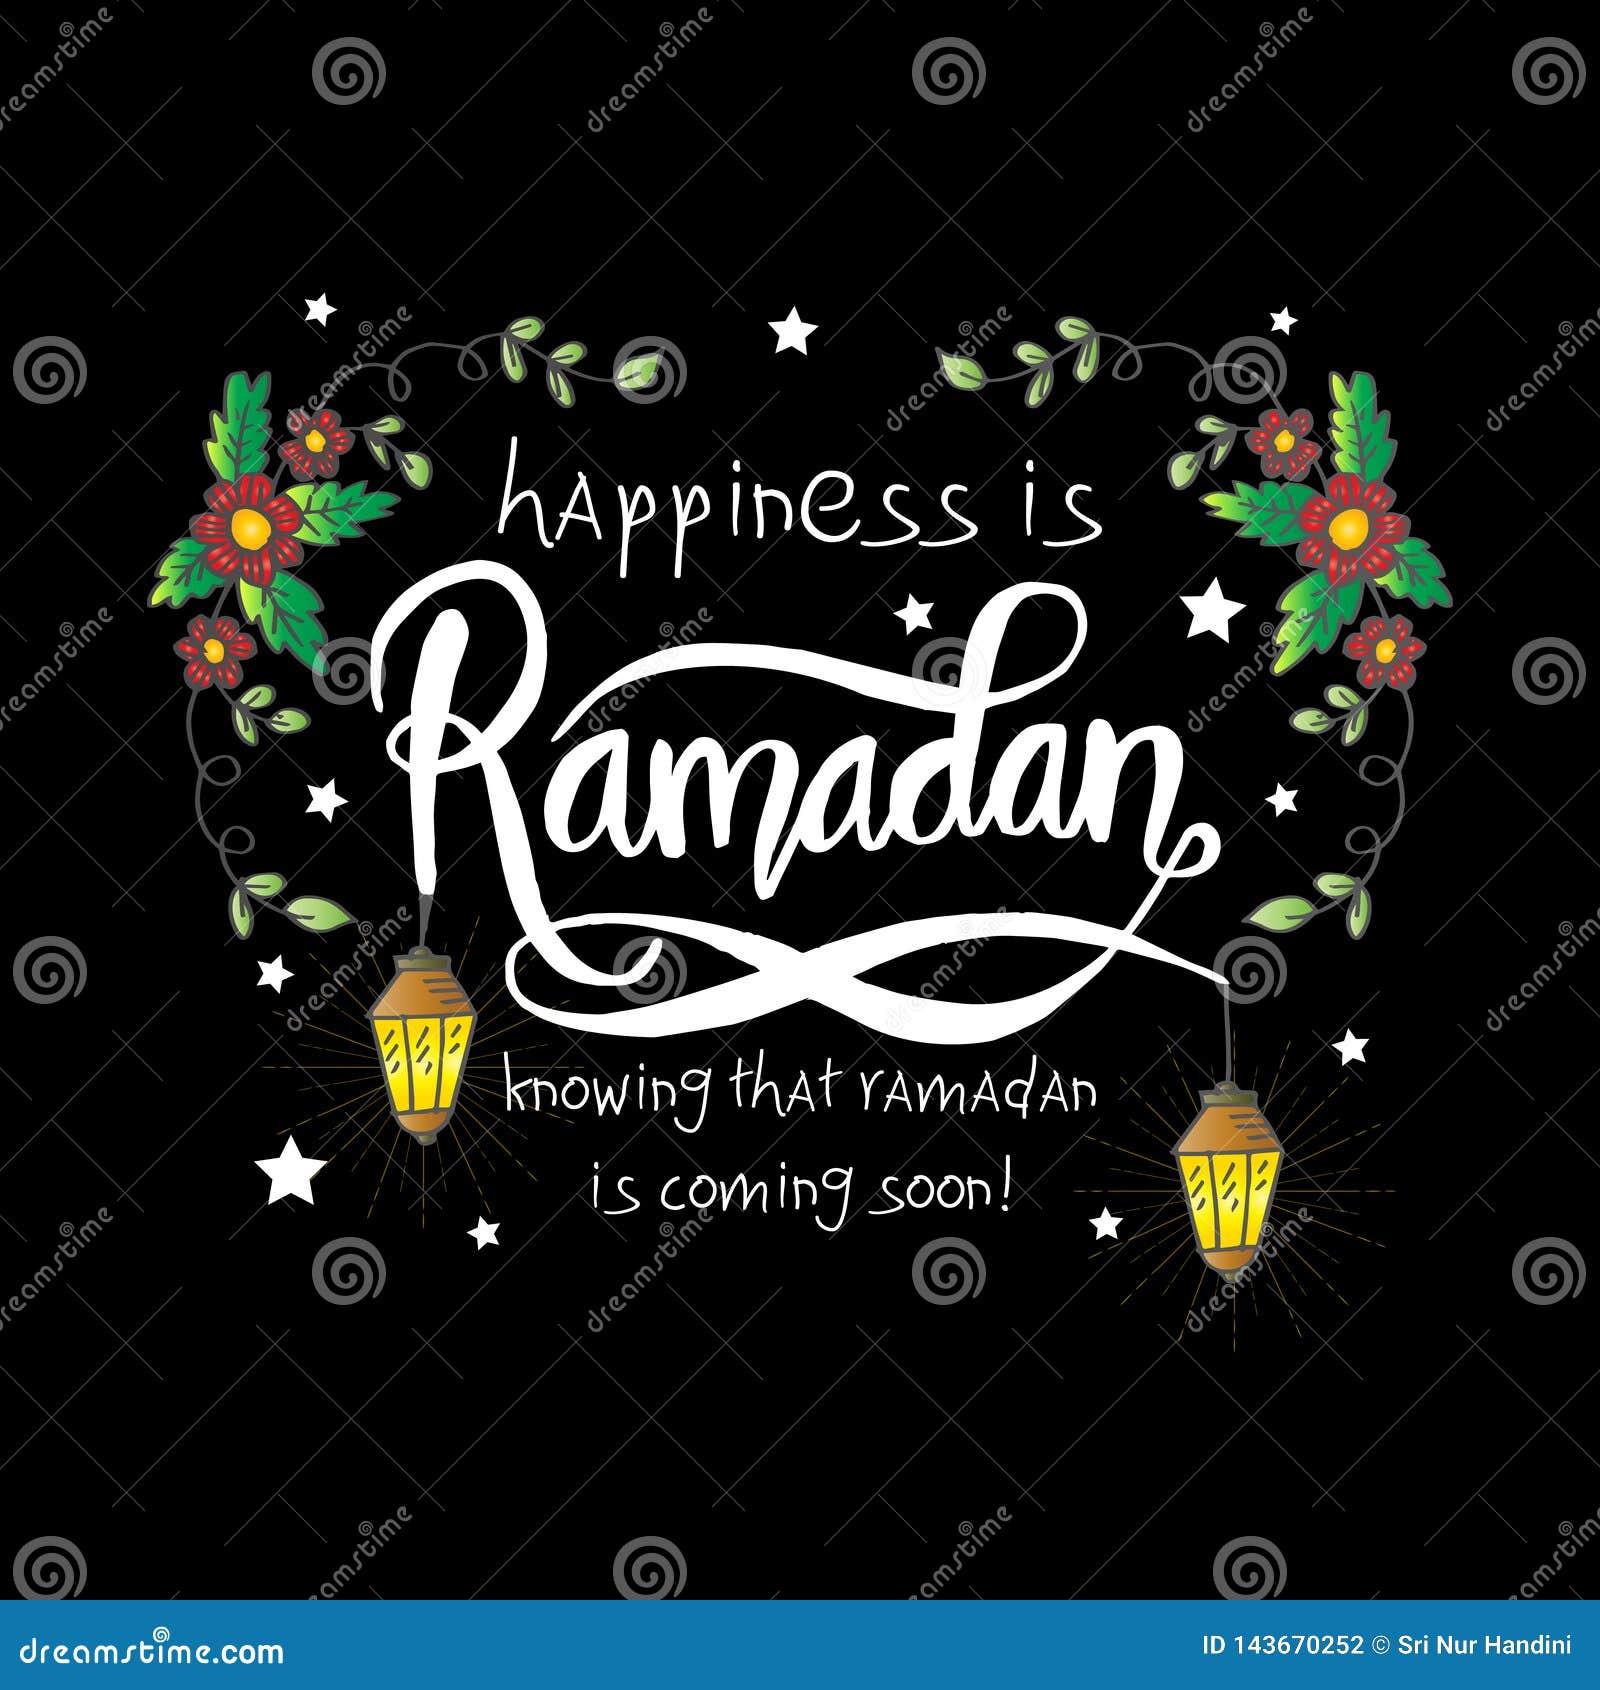 La felicità è il Ramadan che sa che il Ramadan sta venendo molto presto!